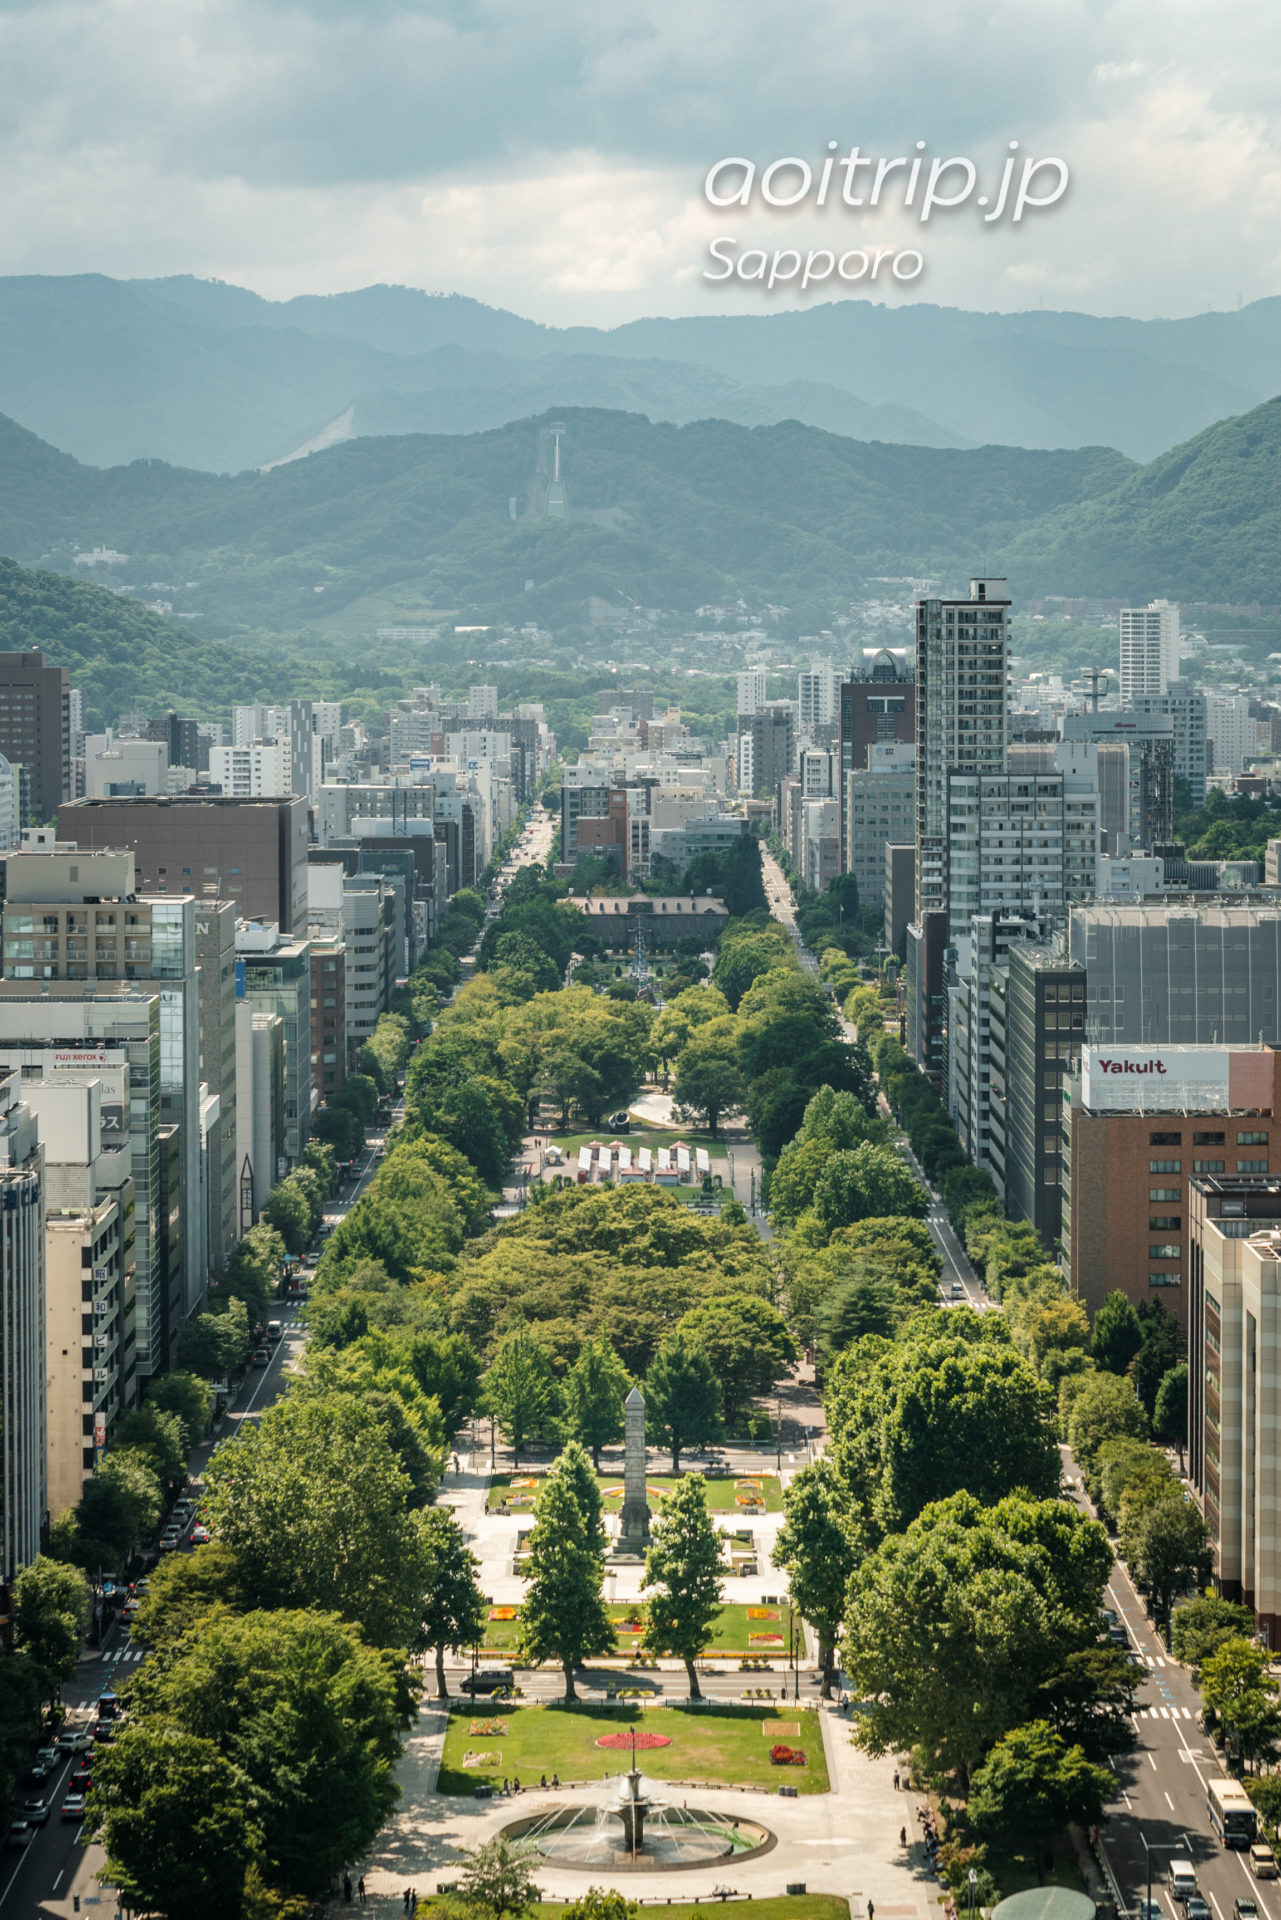 さっぽろテレビ塔展望台の眺望 西側 大通公園、円山